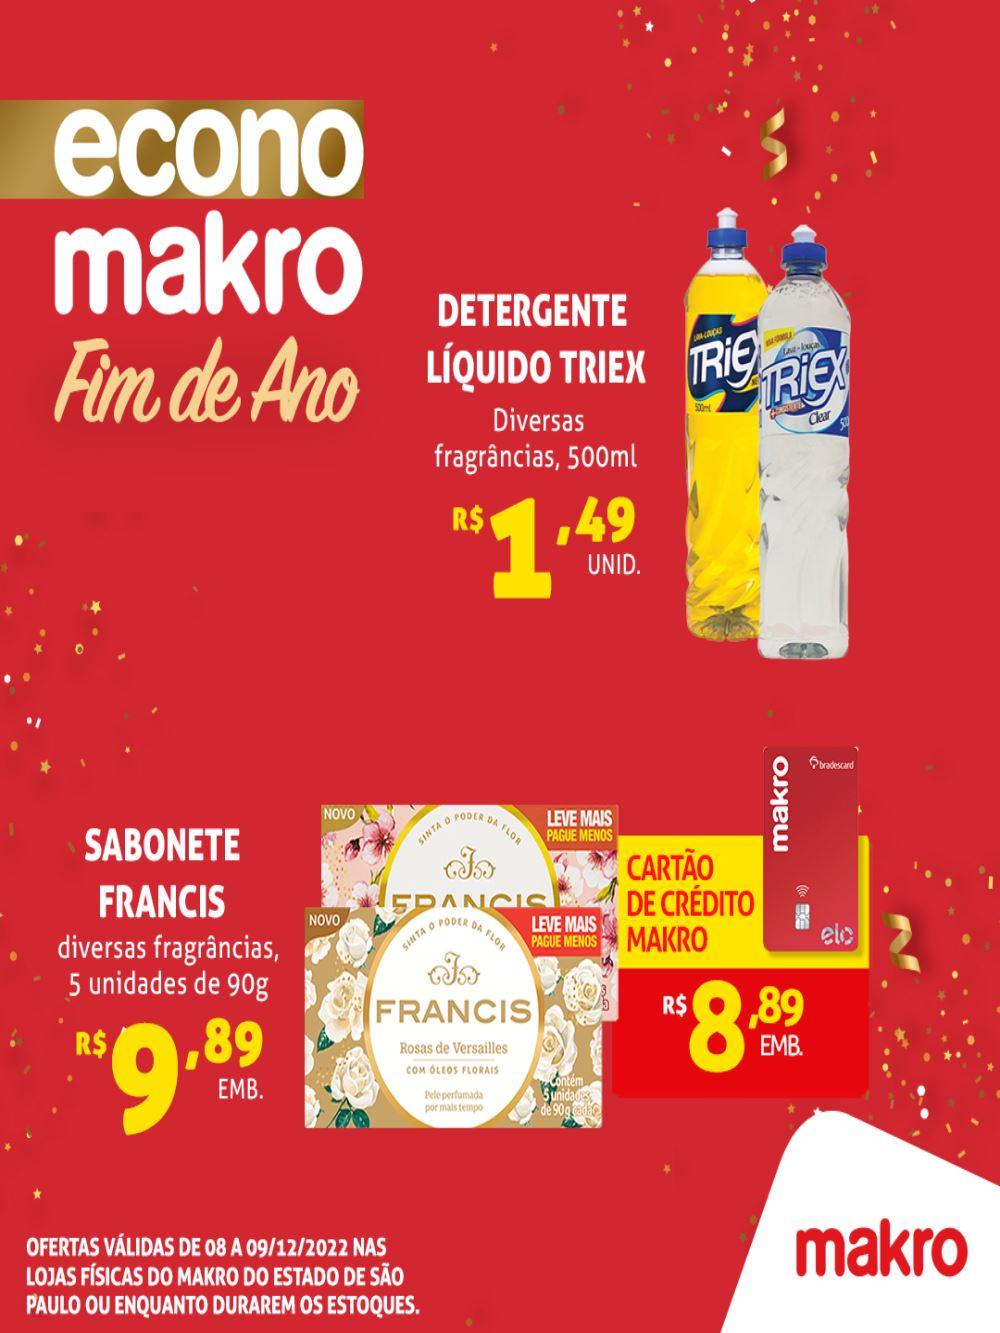 makro-ofertas-descontos-hoje1-41 Makro até 04/08